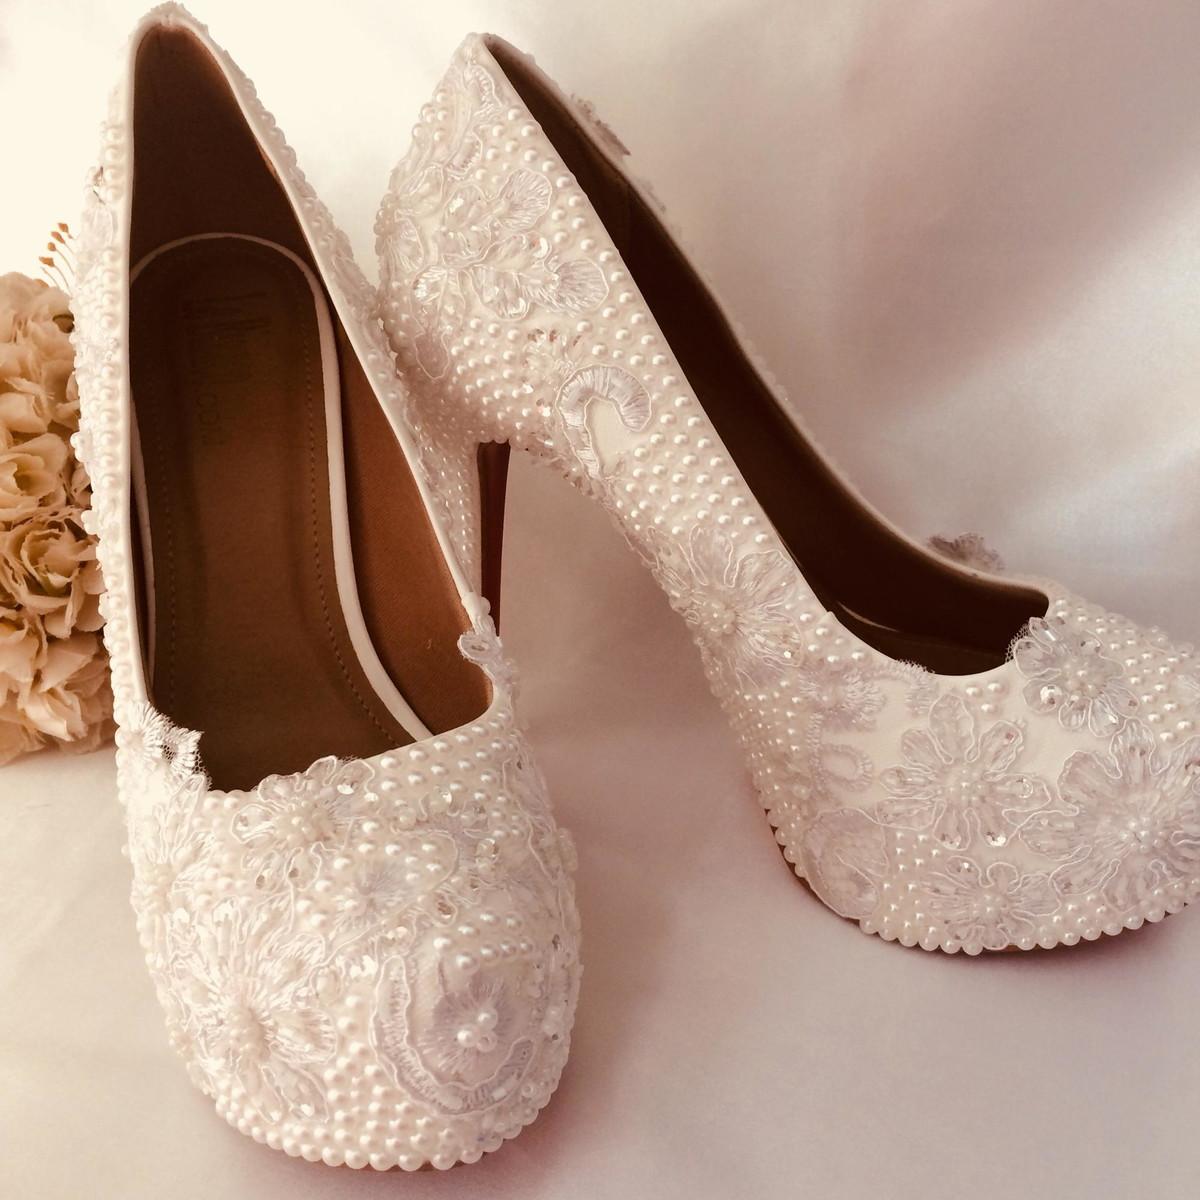 5c1691d877 Sapato de Salto Noiva ou festa no Elo7